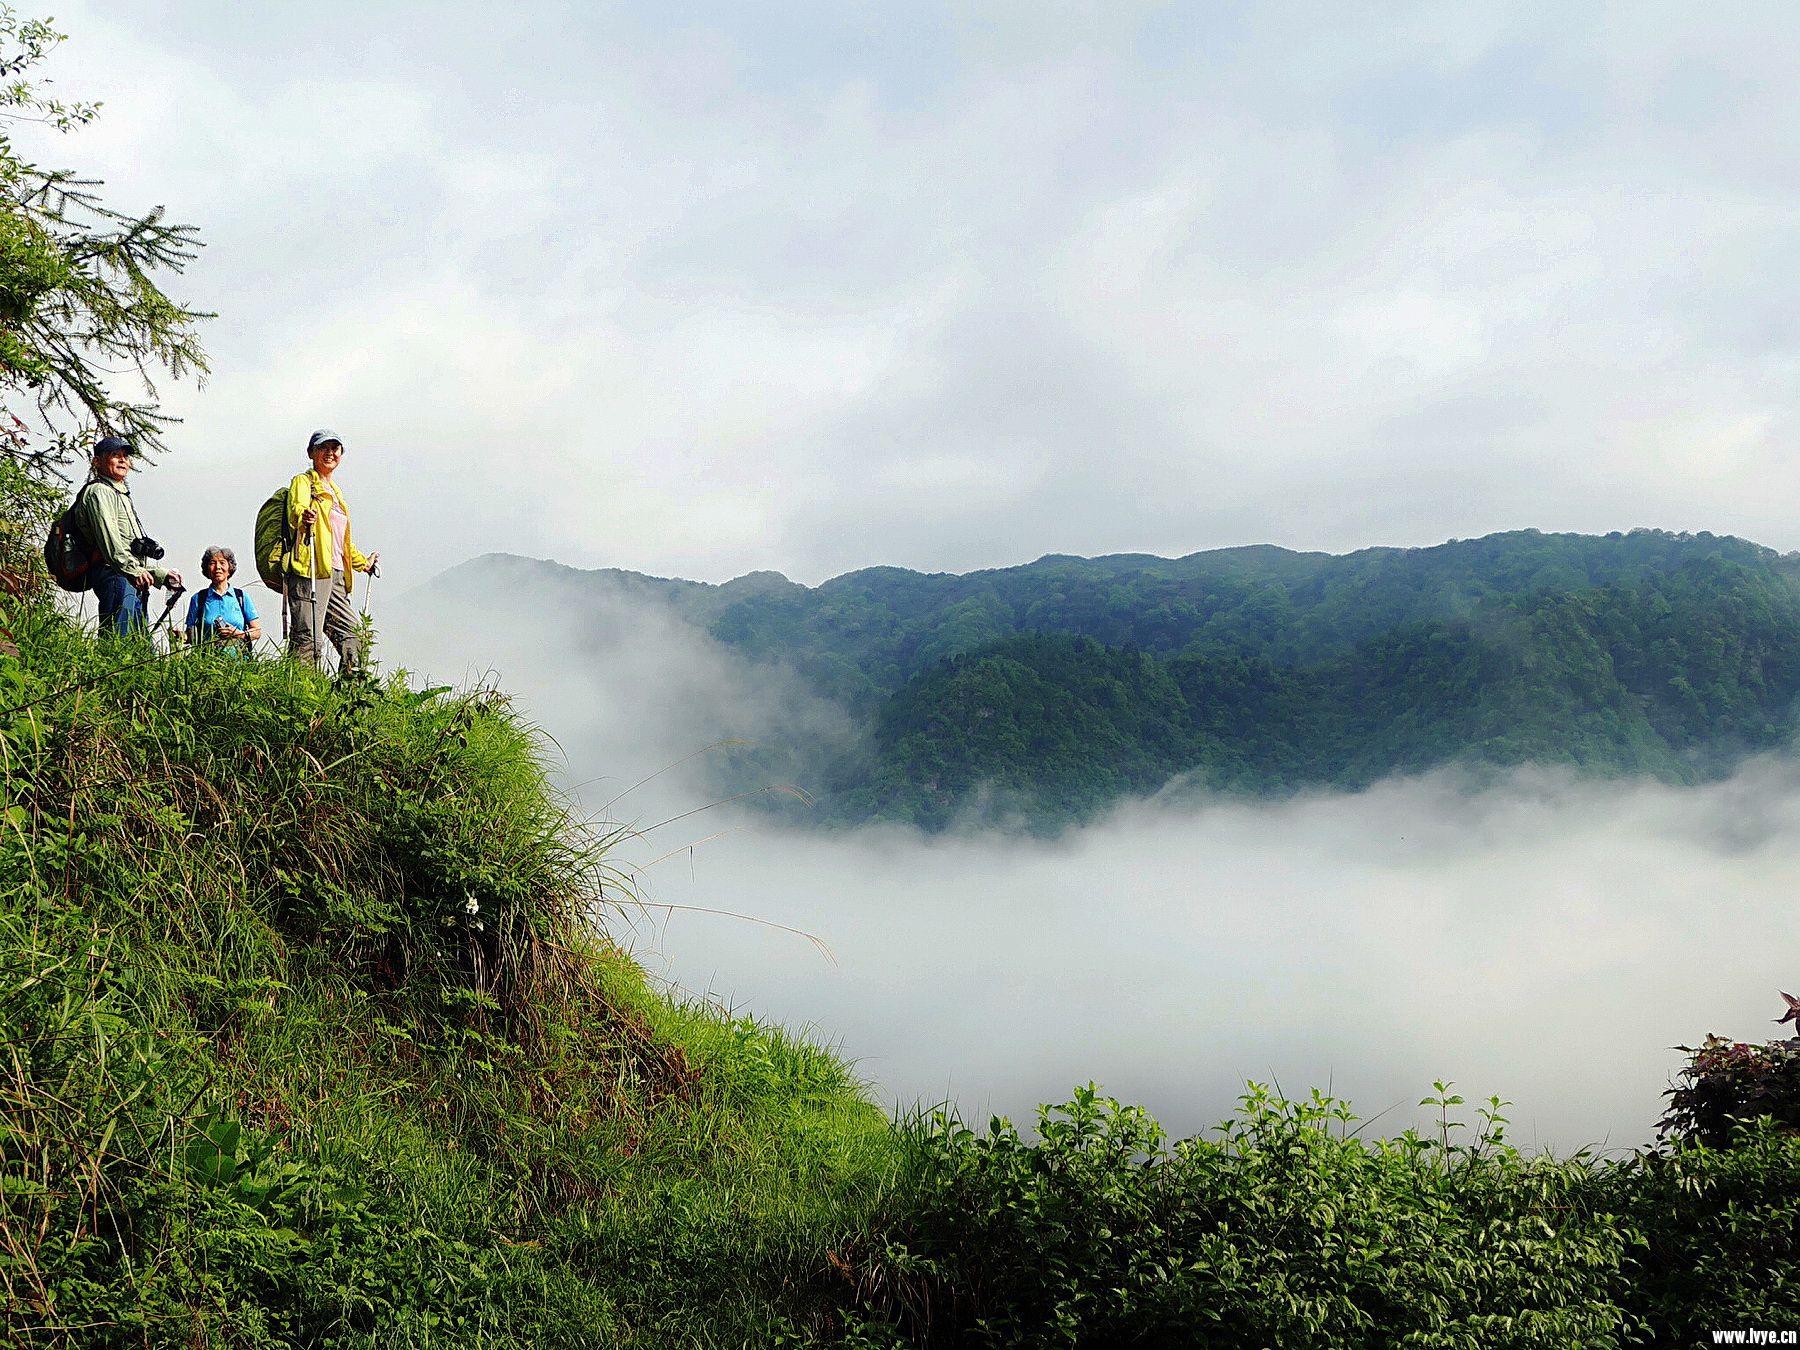 我们站在云上观山景